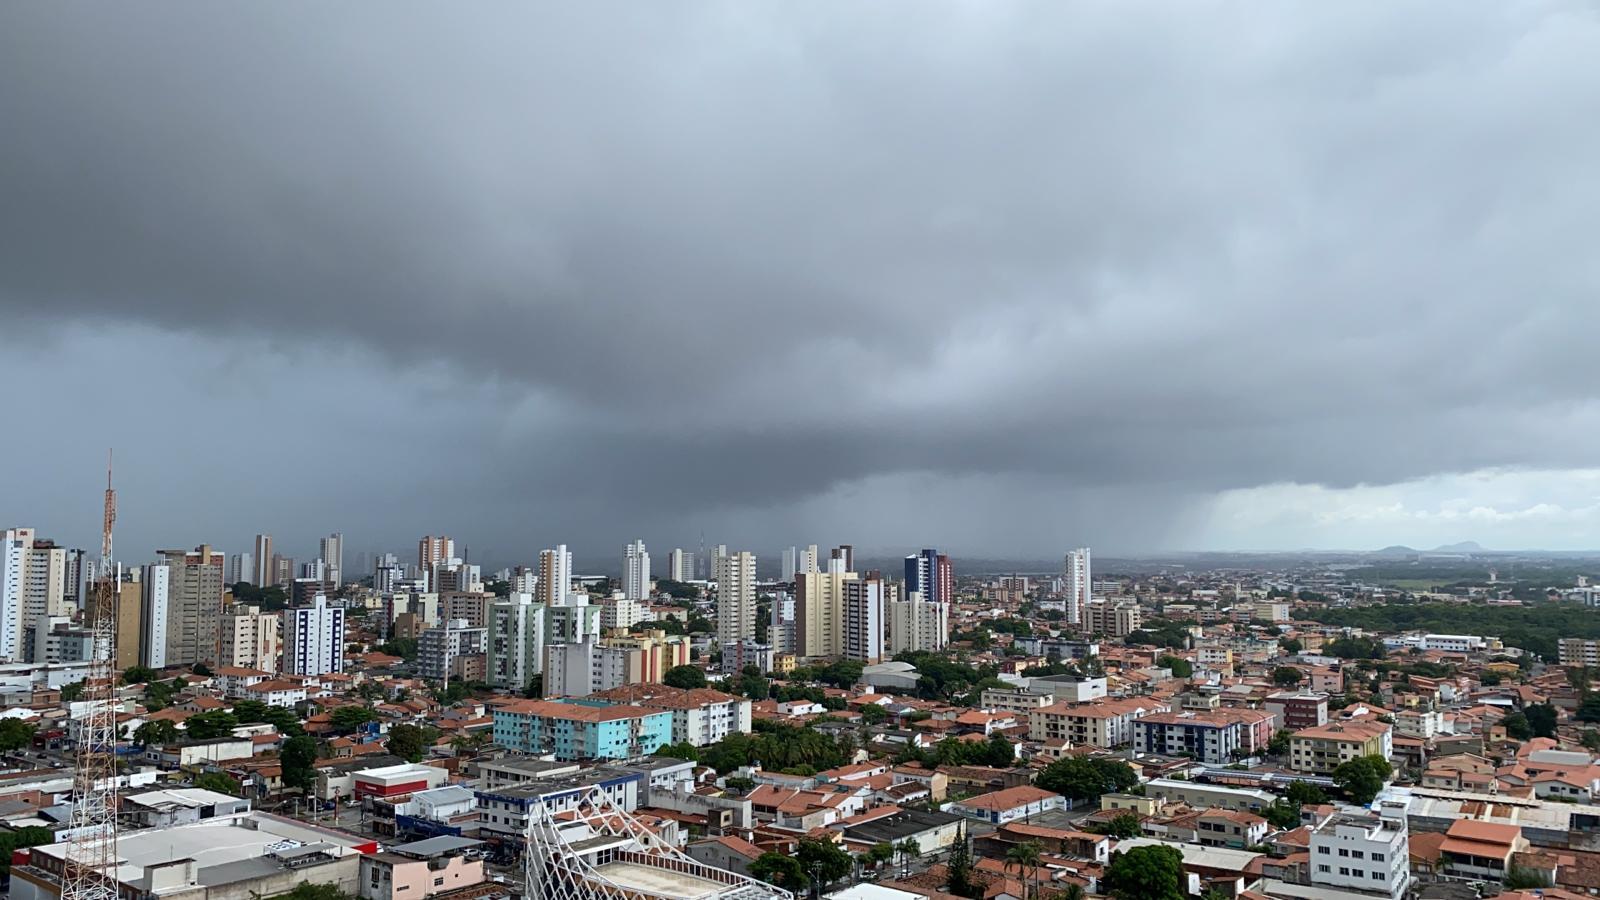 No ínicio deste fim de semana, Fortaleza apresentou chuvas generalizadas (FOTO: Sônia Marinho)